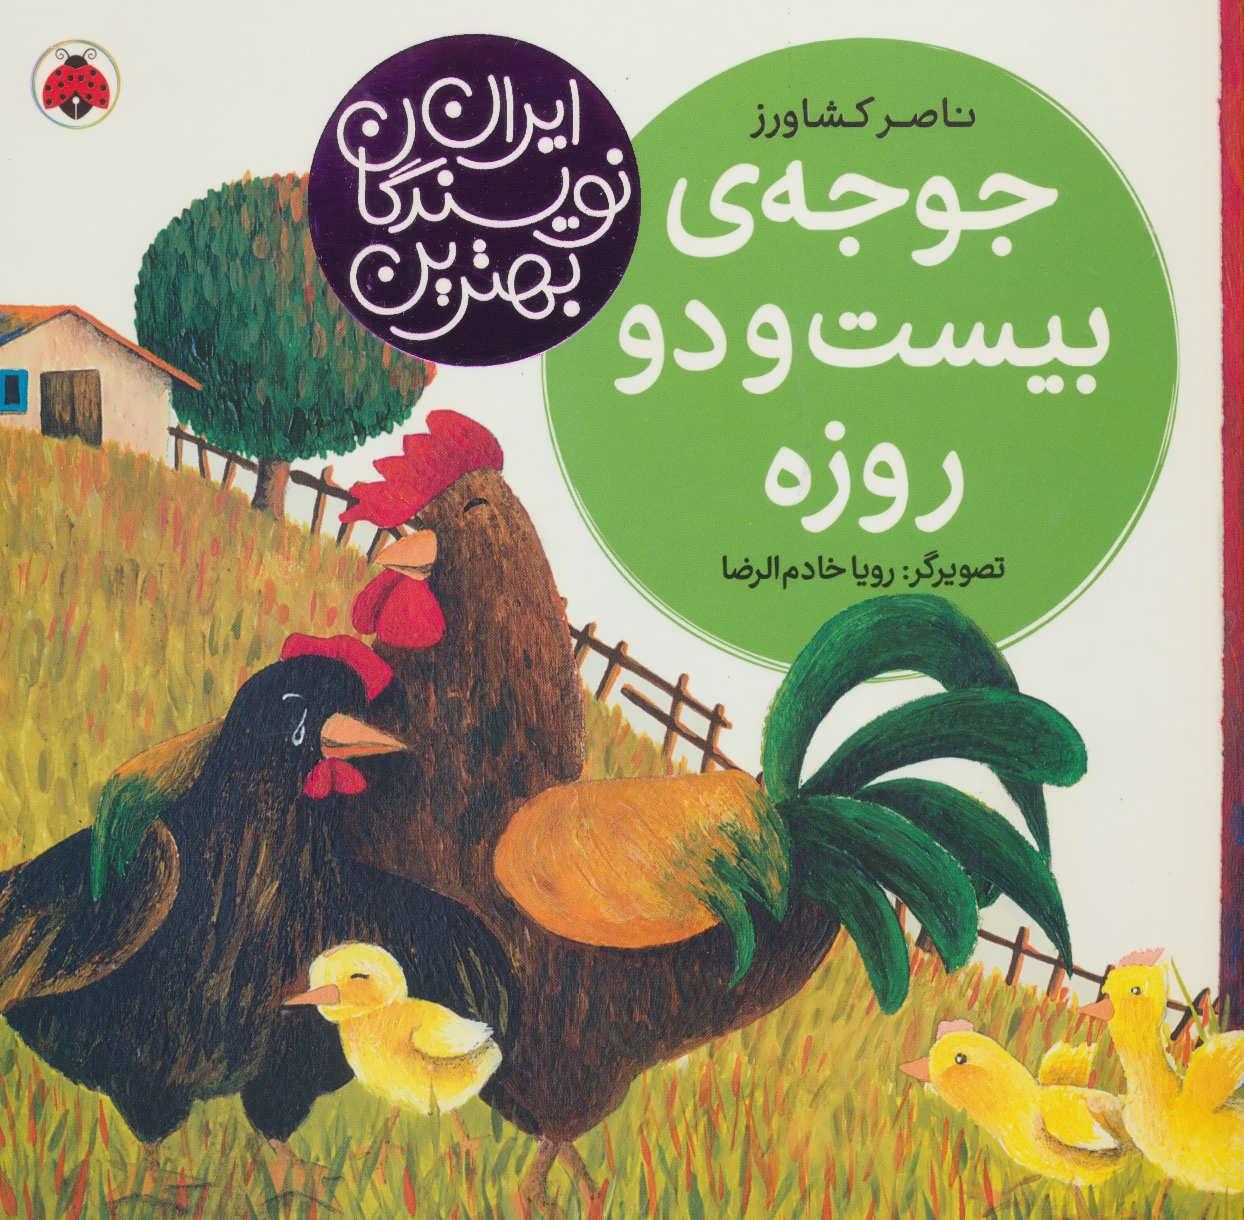 جوجه ی بیست و دو روزه (بهترین نویسندگان ایران)،(گلاسه)